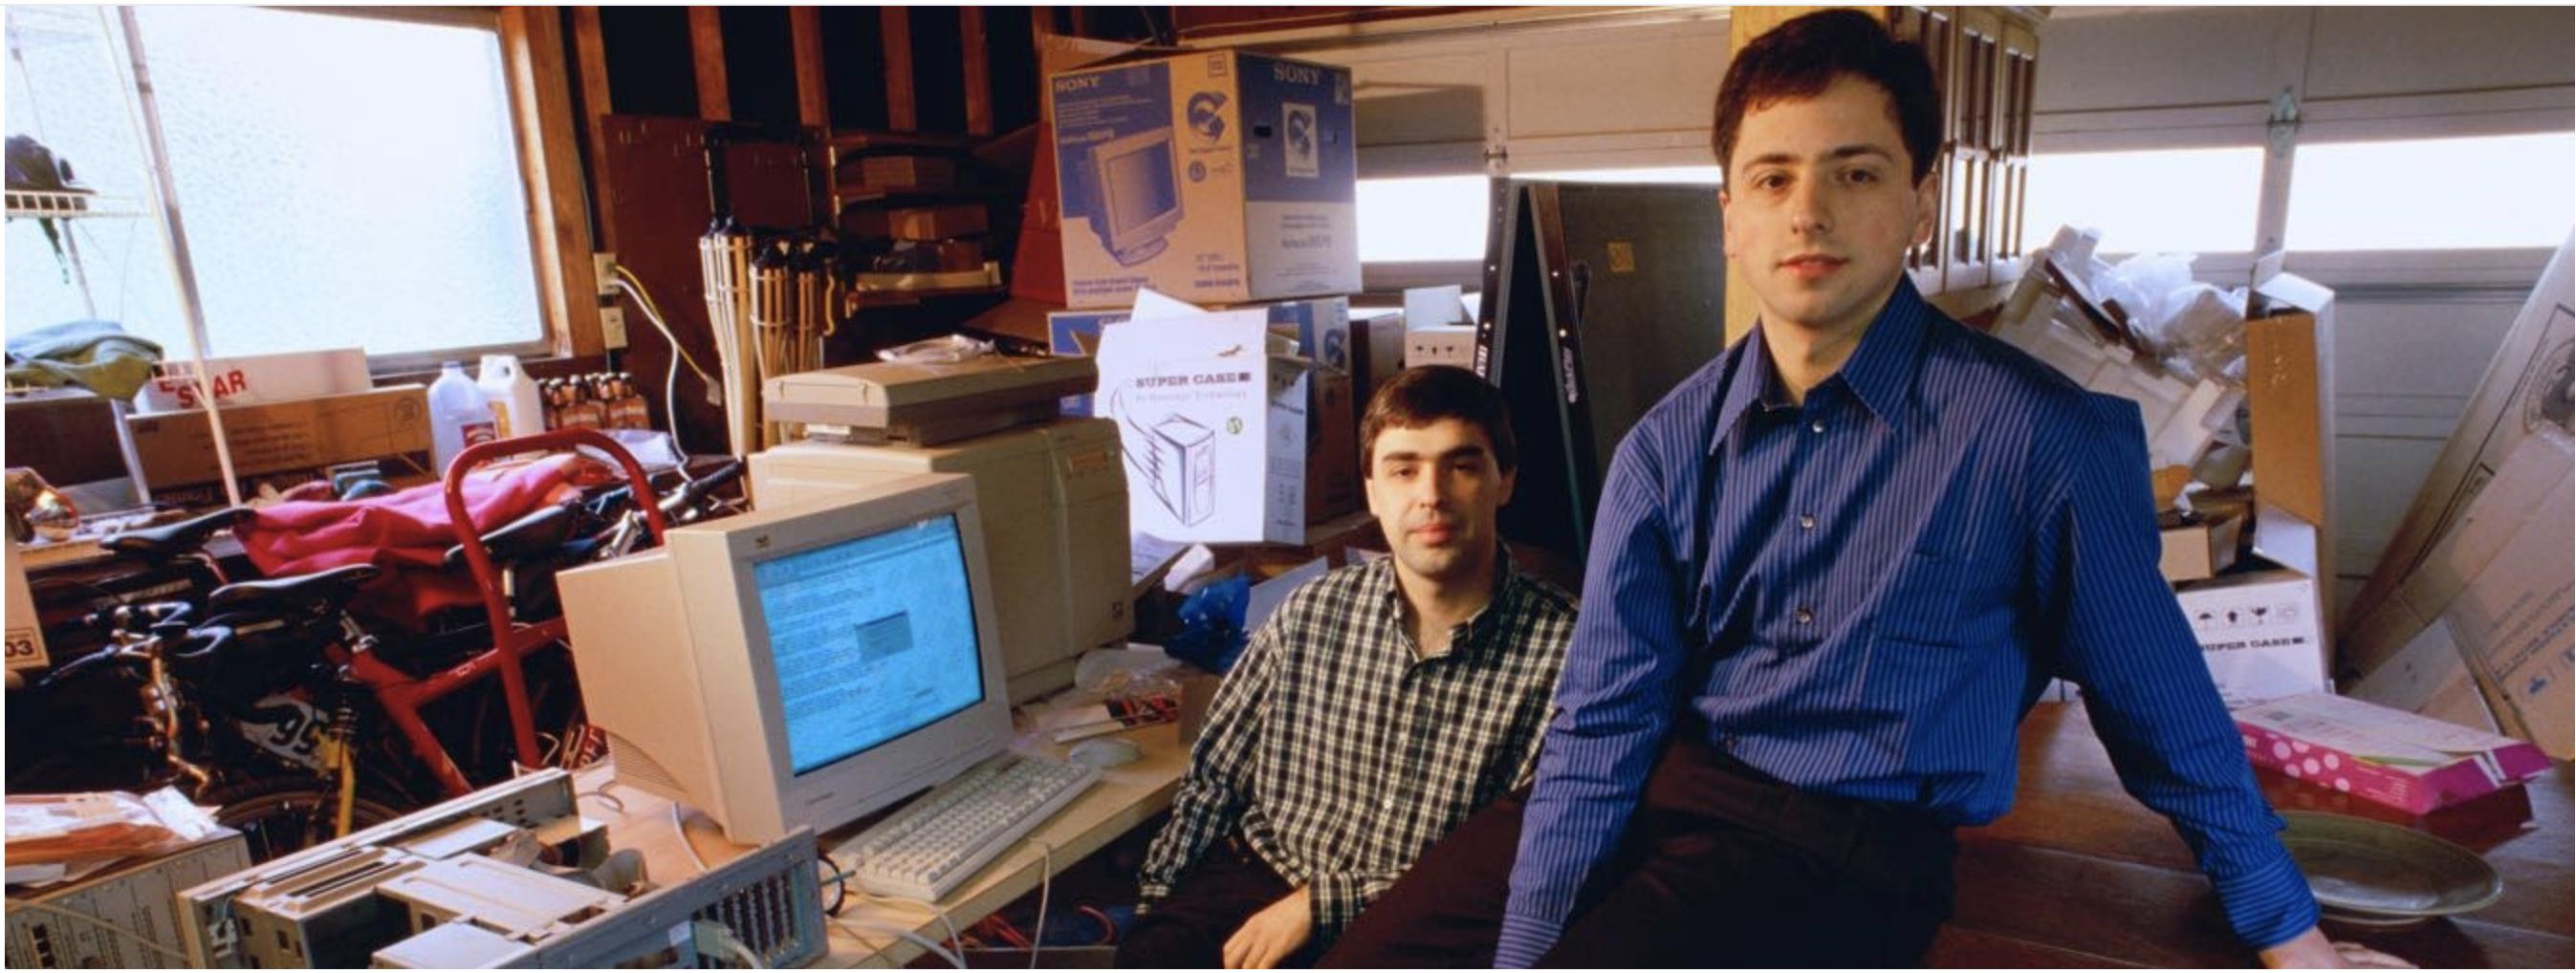 Die Gründer: Larry Page und Sergej Brin